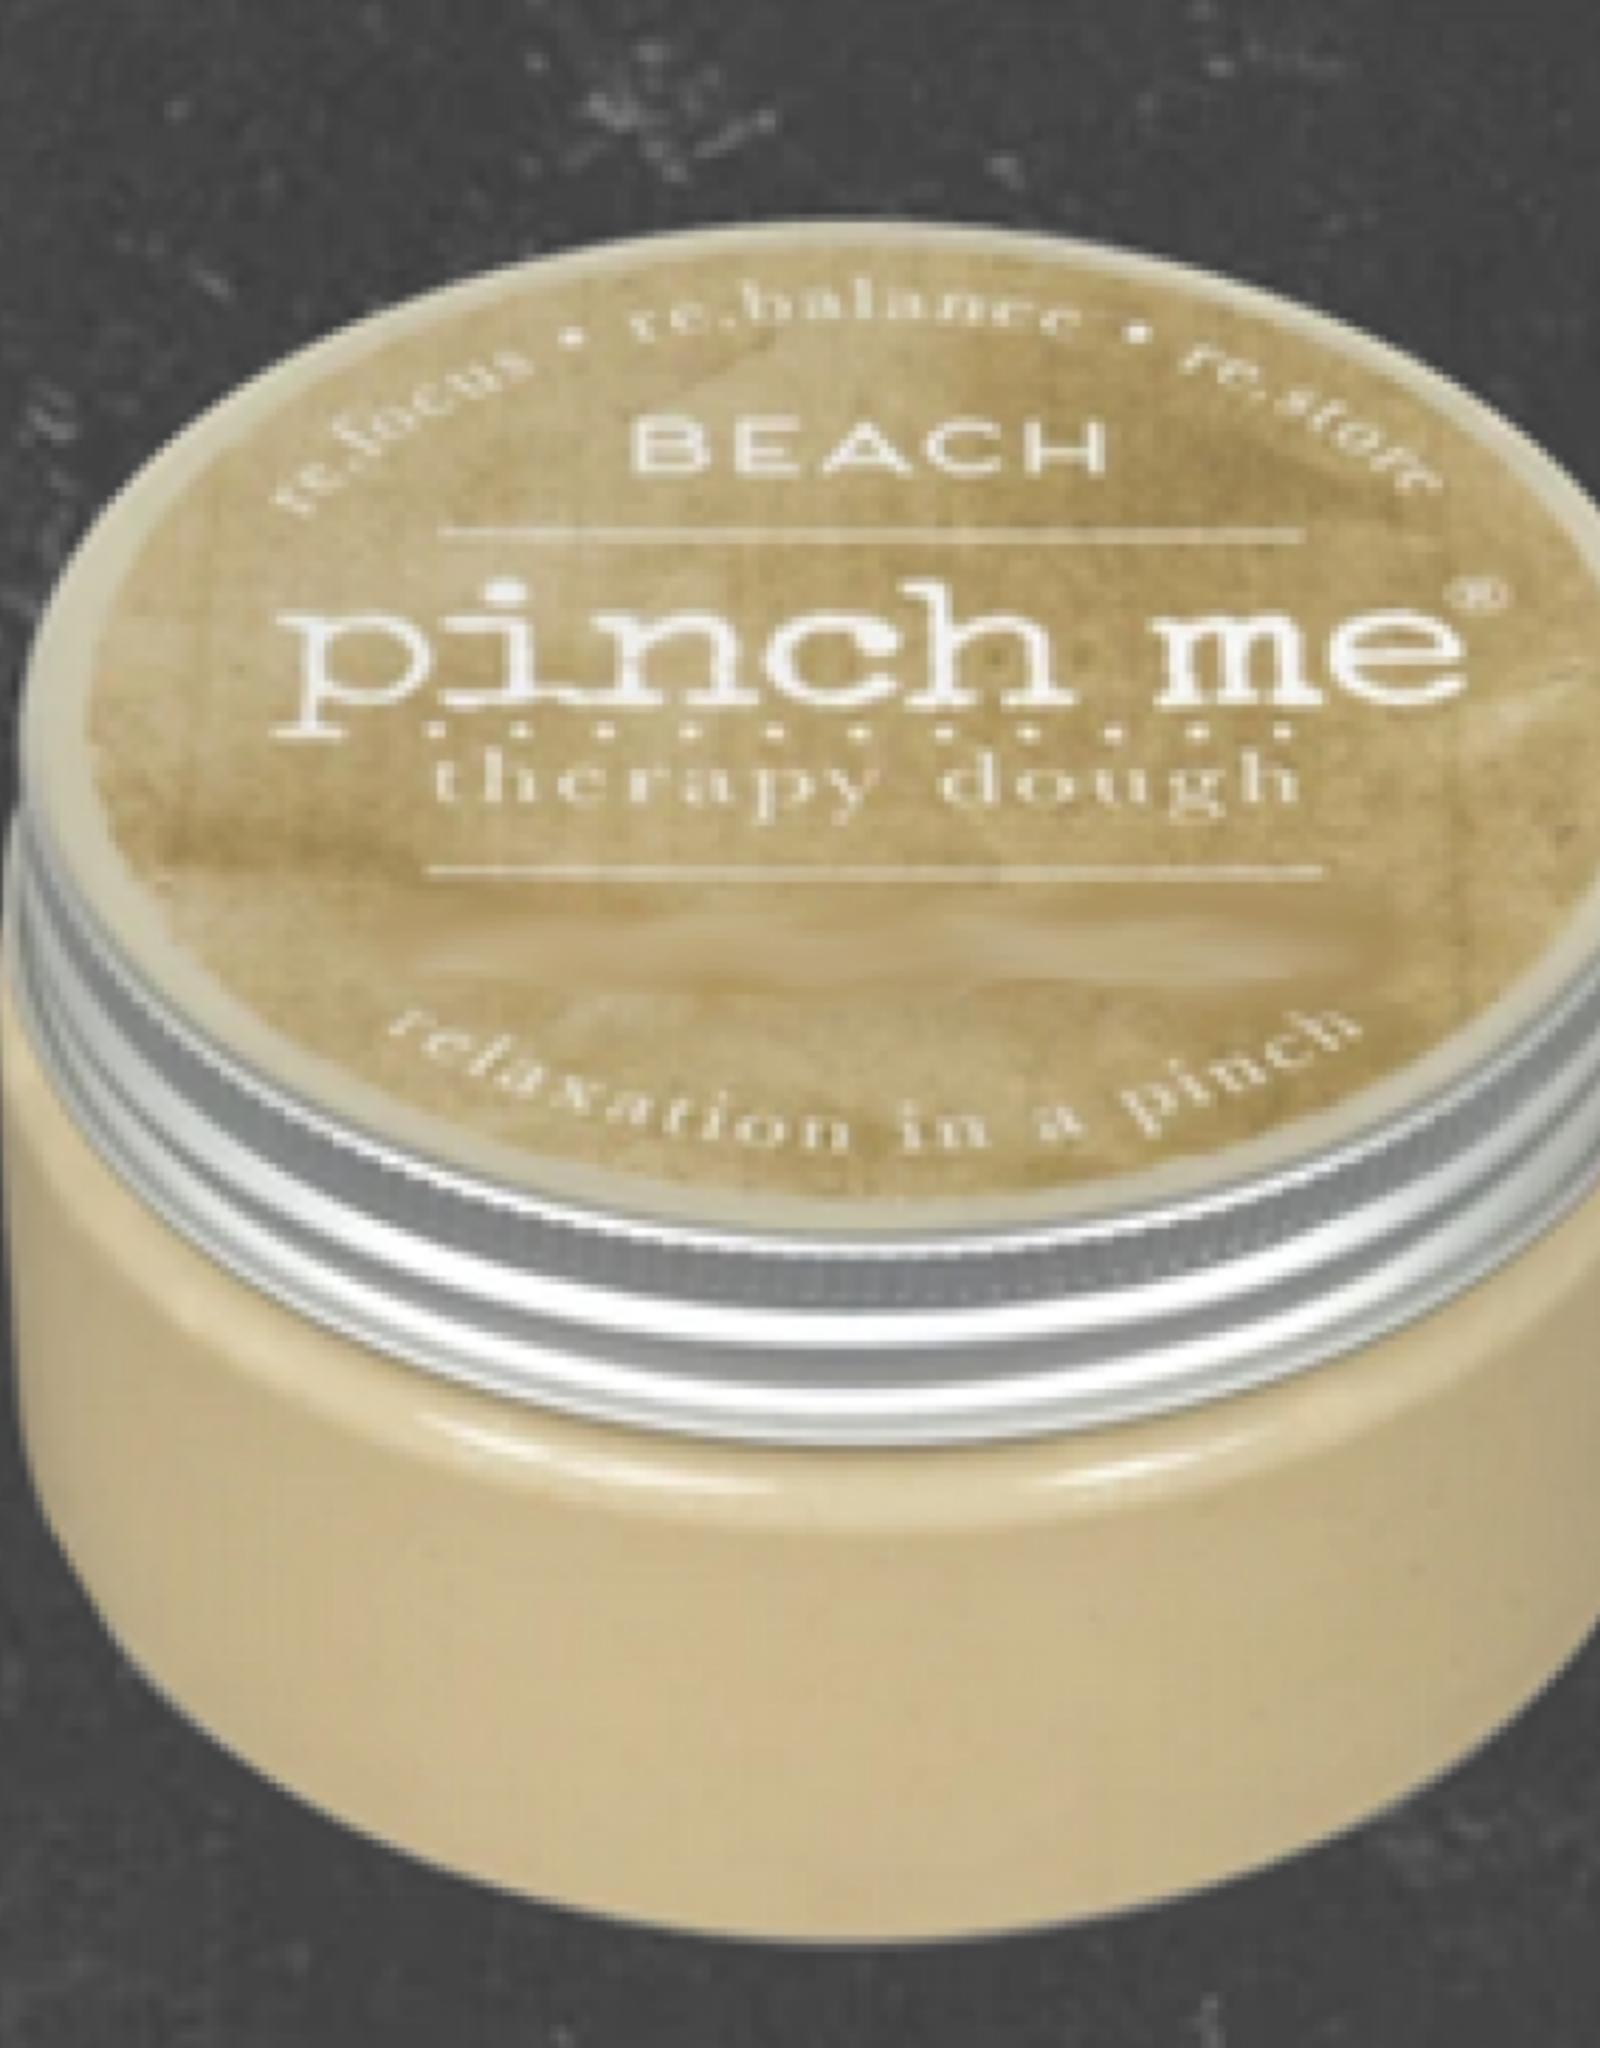 Pinch Me Therapy Dough 3oz - Beach